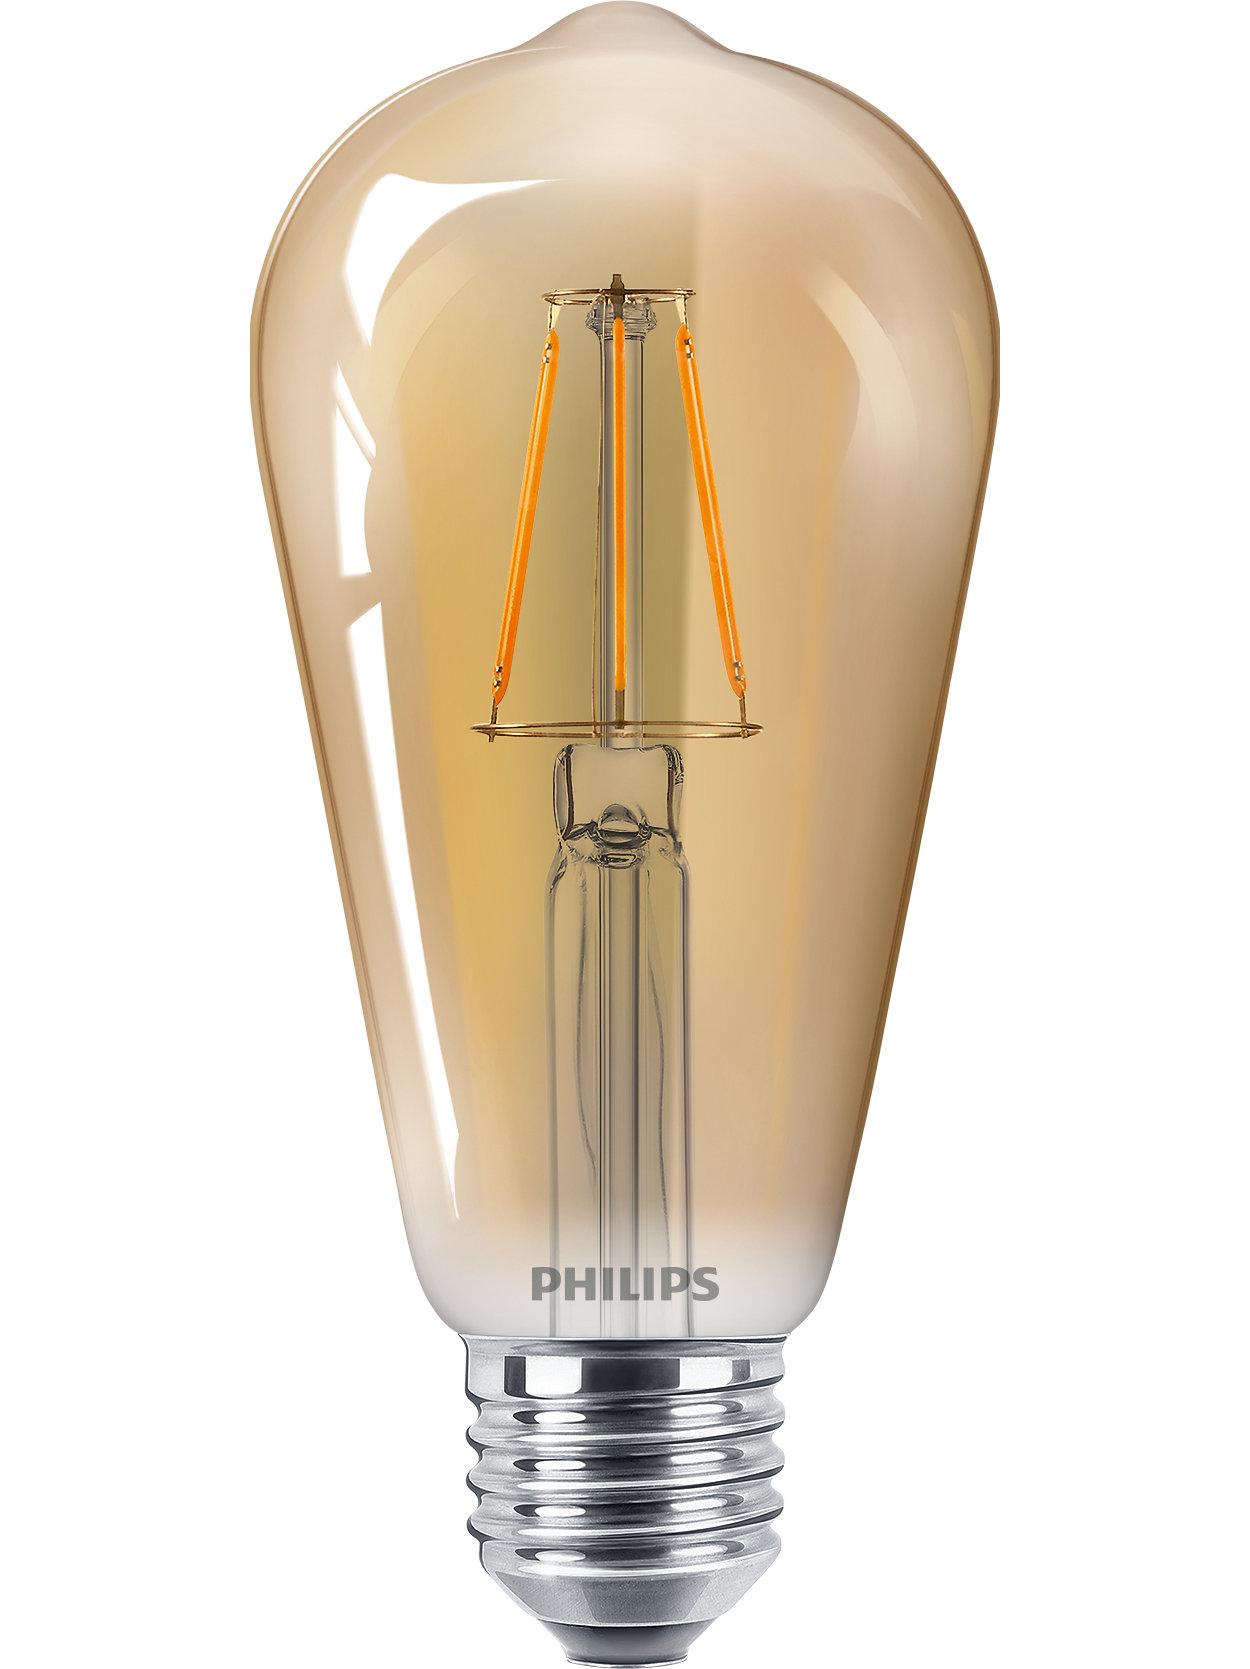 Lâmpadas de LED clássicas para iluminação decorativa